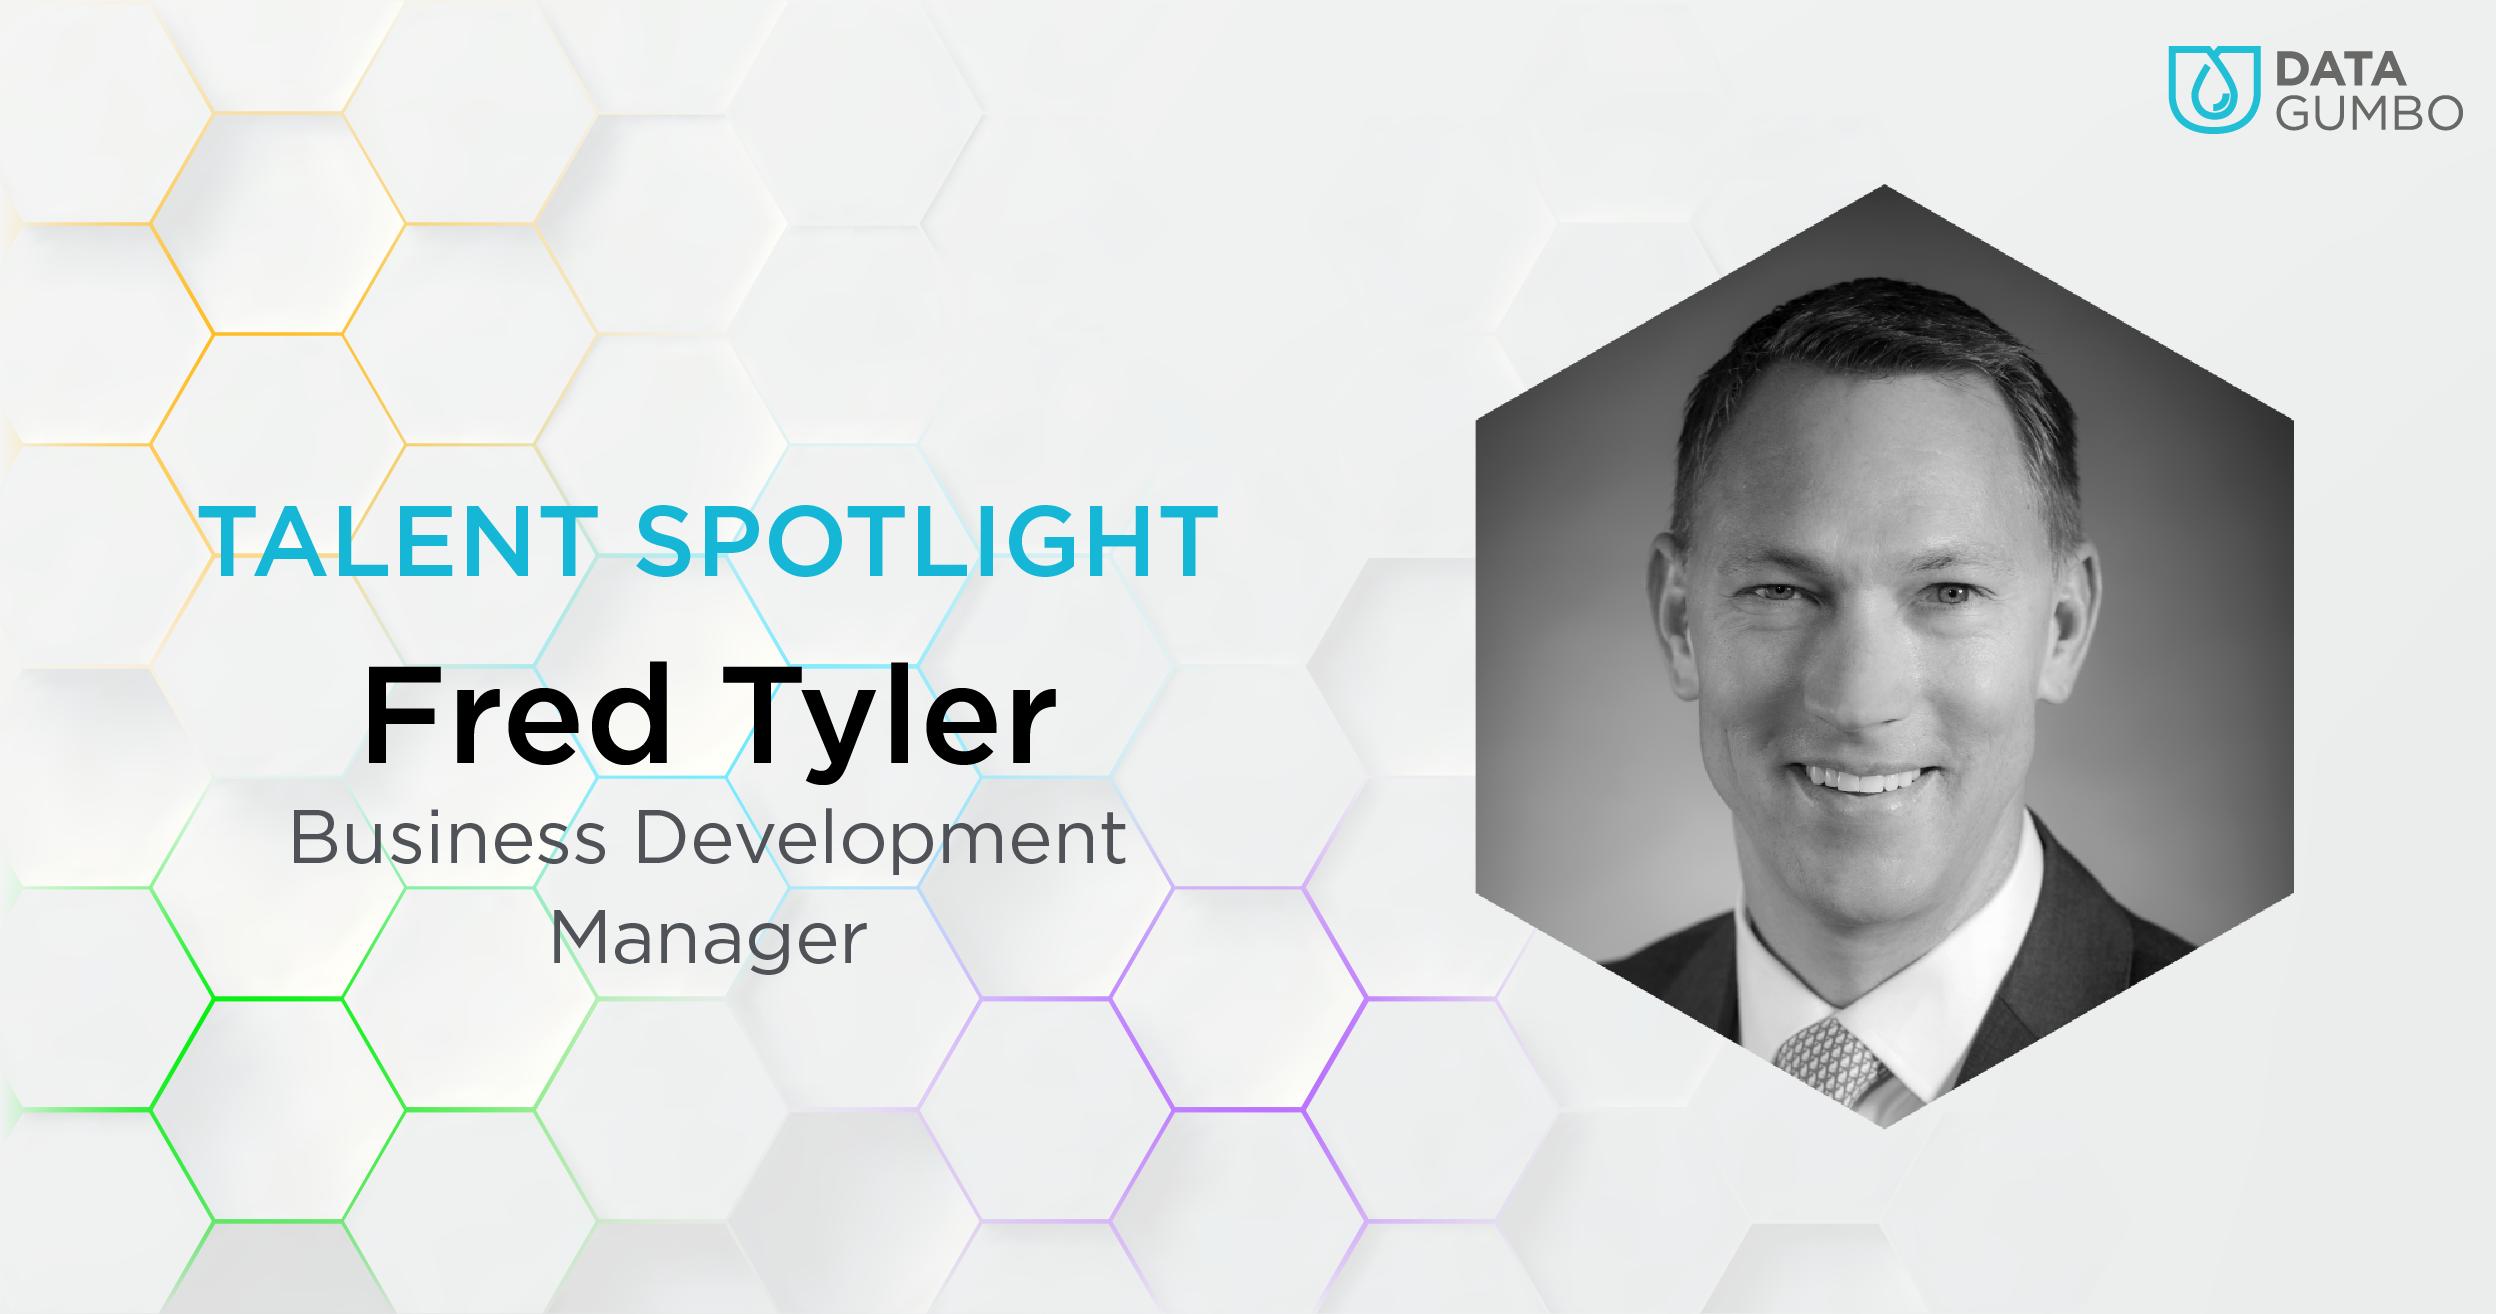 Fred Tyler, Business Development Manager, Data Gumbo